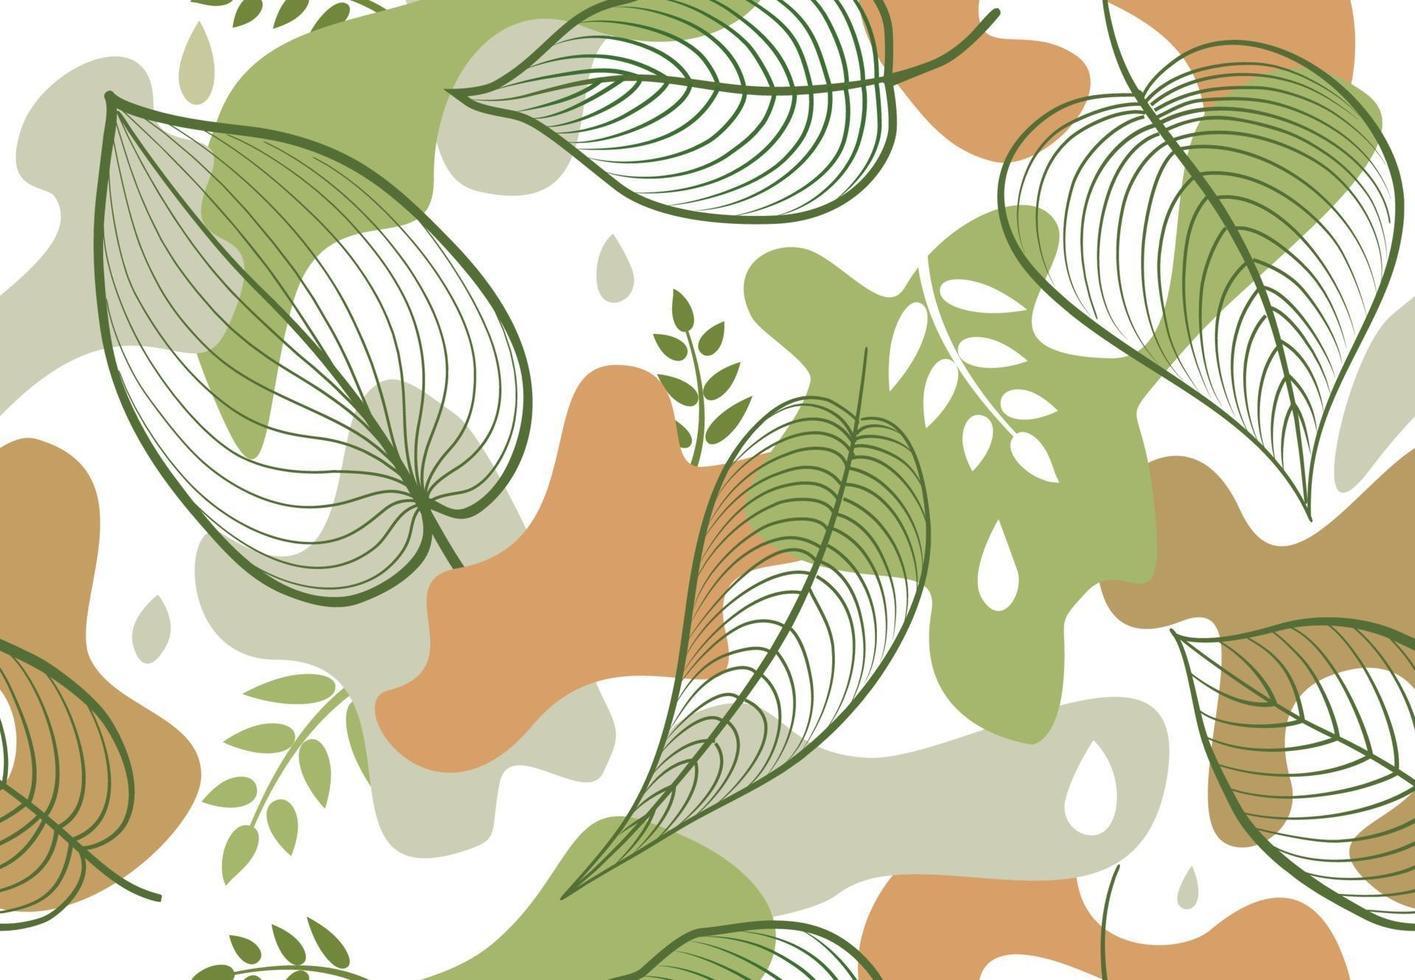 nahtloses Muster mit organischen Formflecken im Memphis-Stil. stilvolle Blumen gemalte Tapete mit Blättern. vektor